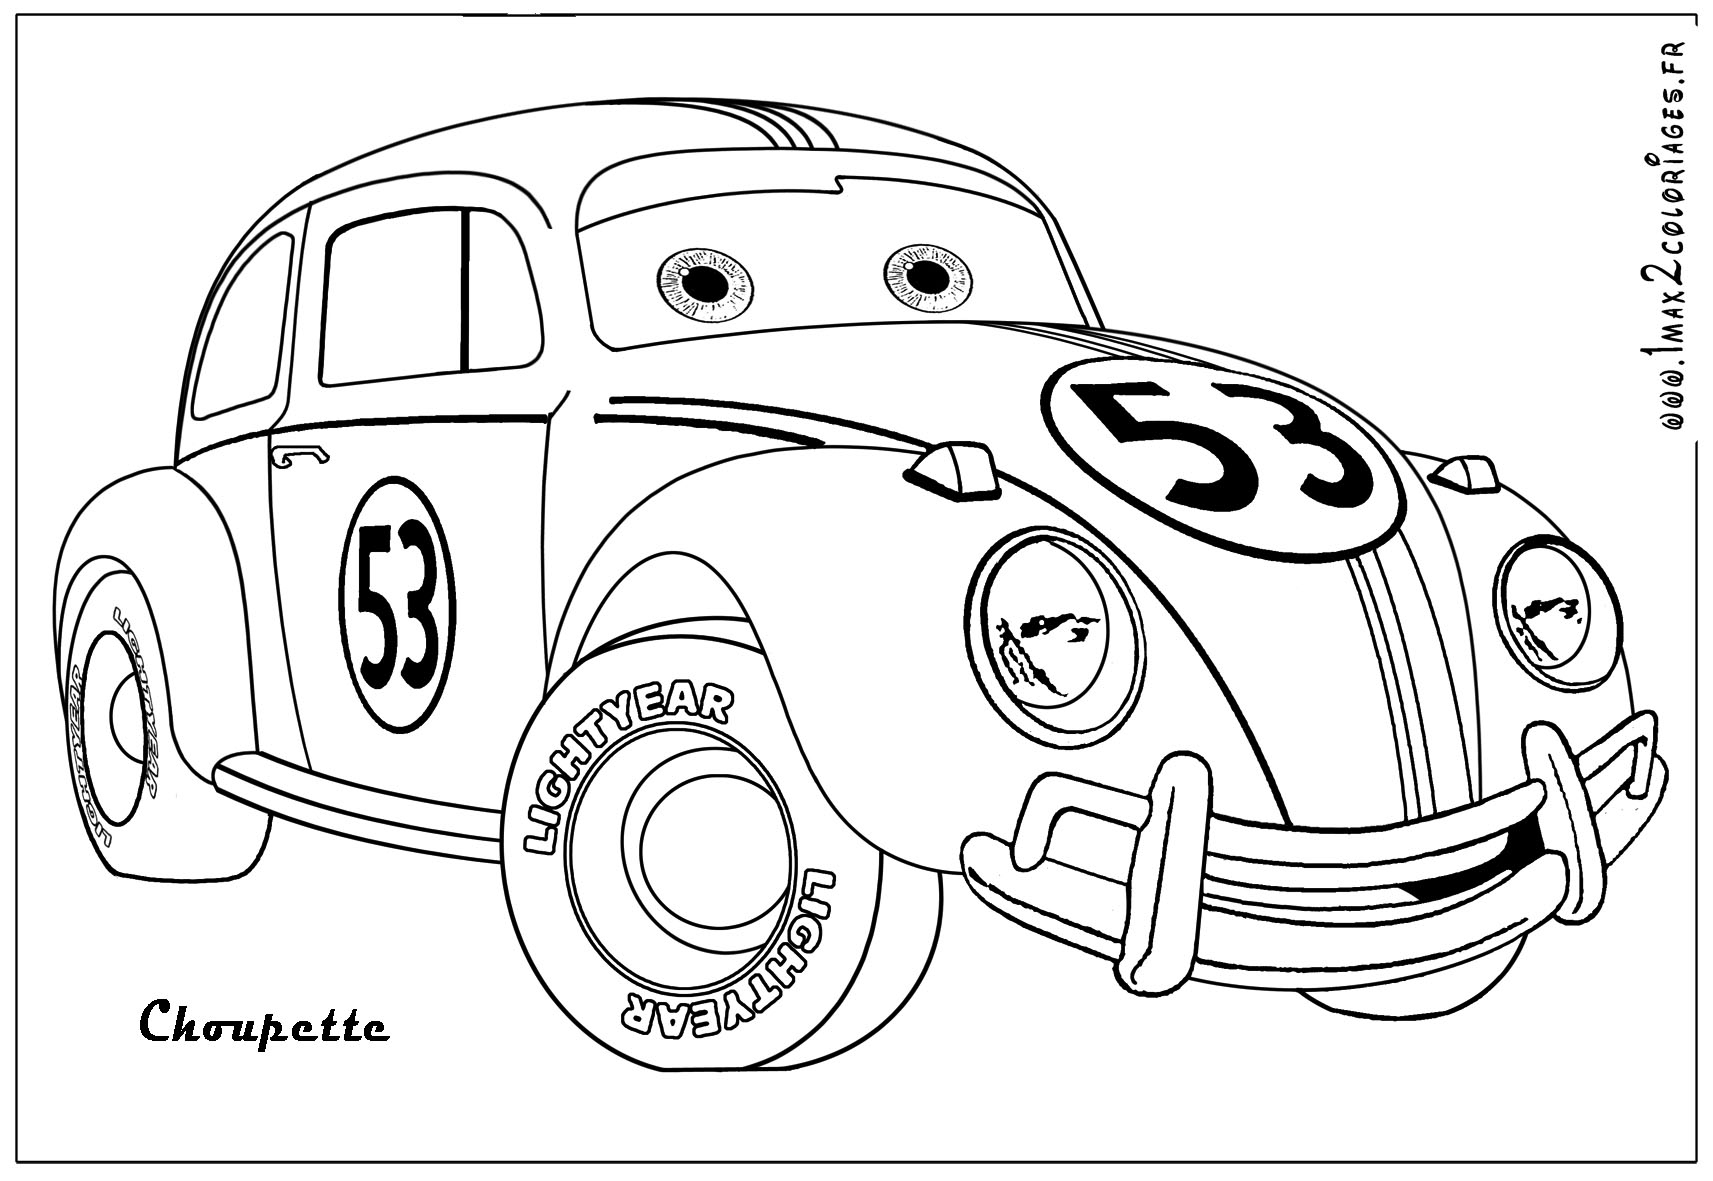 Coloriage Voiture À Imprimer Pour Les Enfants - Cp26903 destiné Image De Voiture A Imprimer